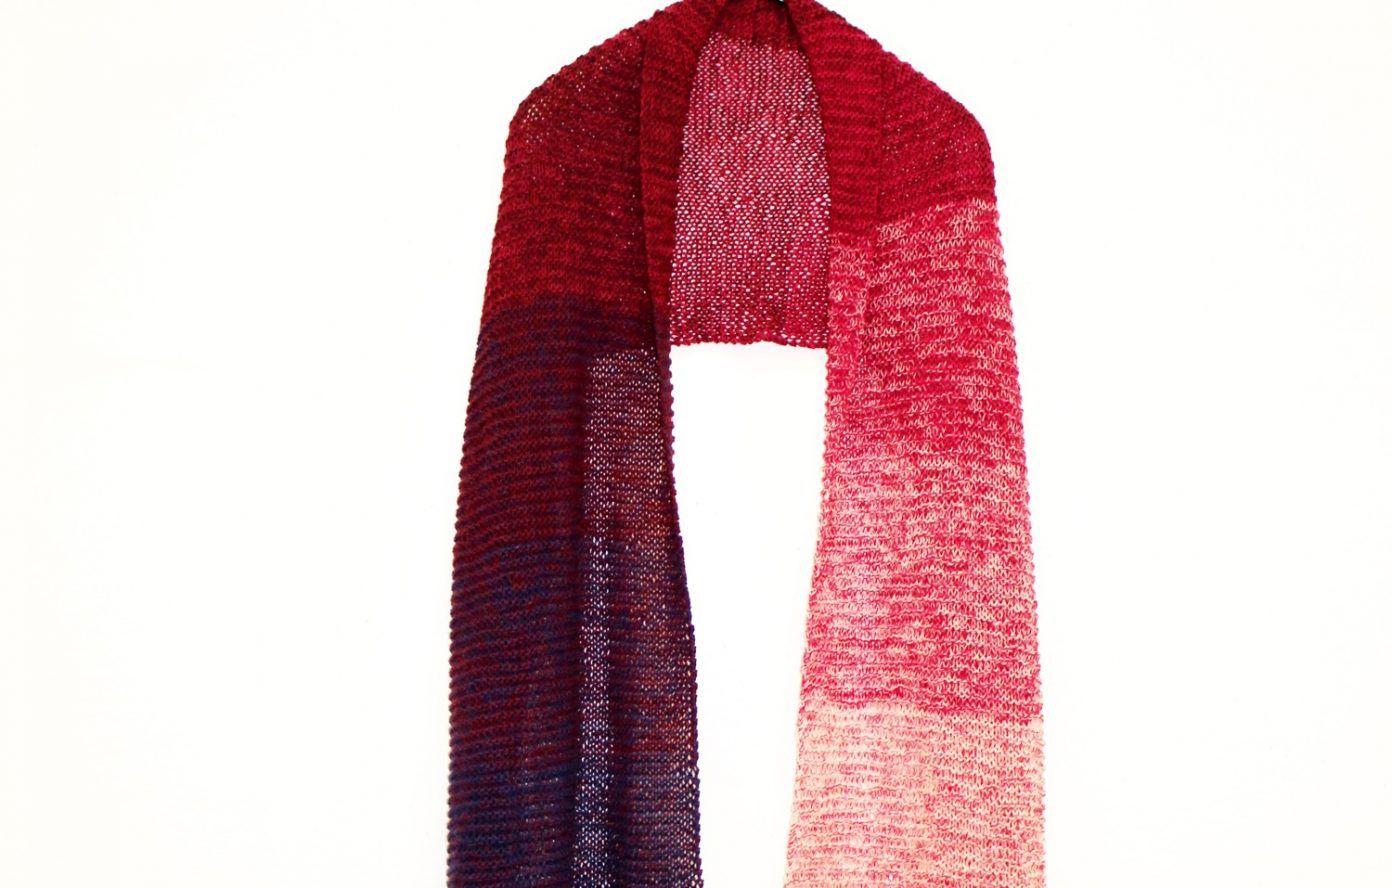 Ein federleichtes Vergnügen verspricht dieser Strick-Schal aus einem ...